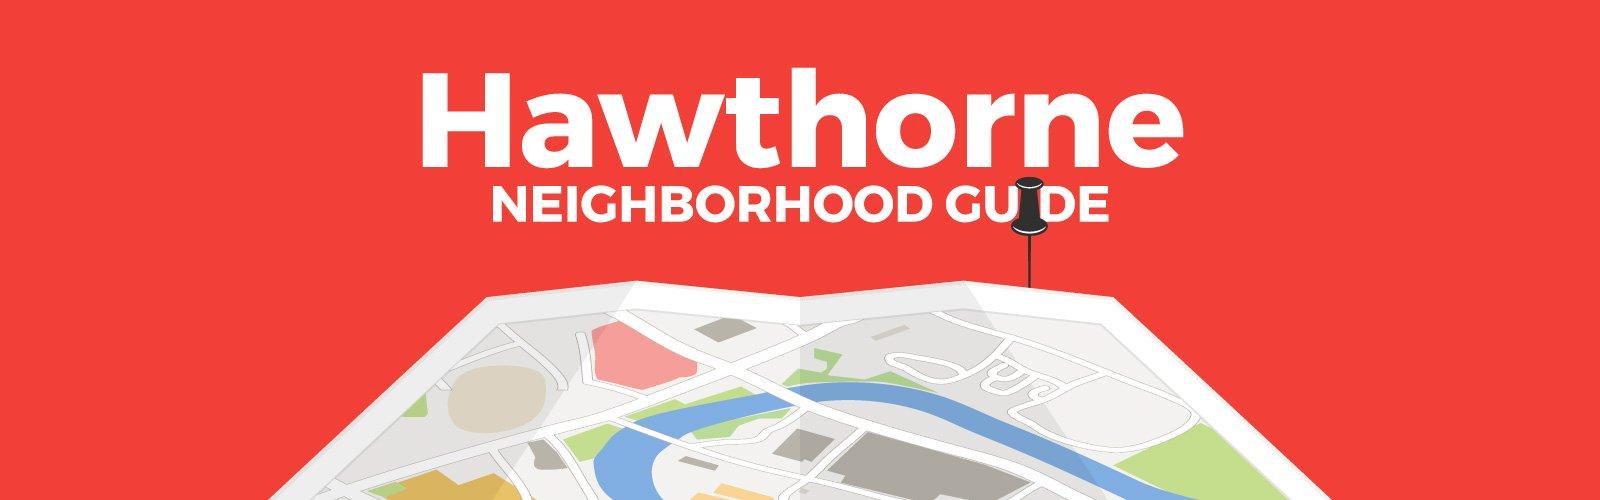 Hawthorne Portland Neighborhood Guide